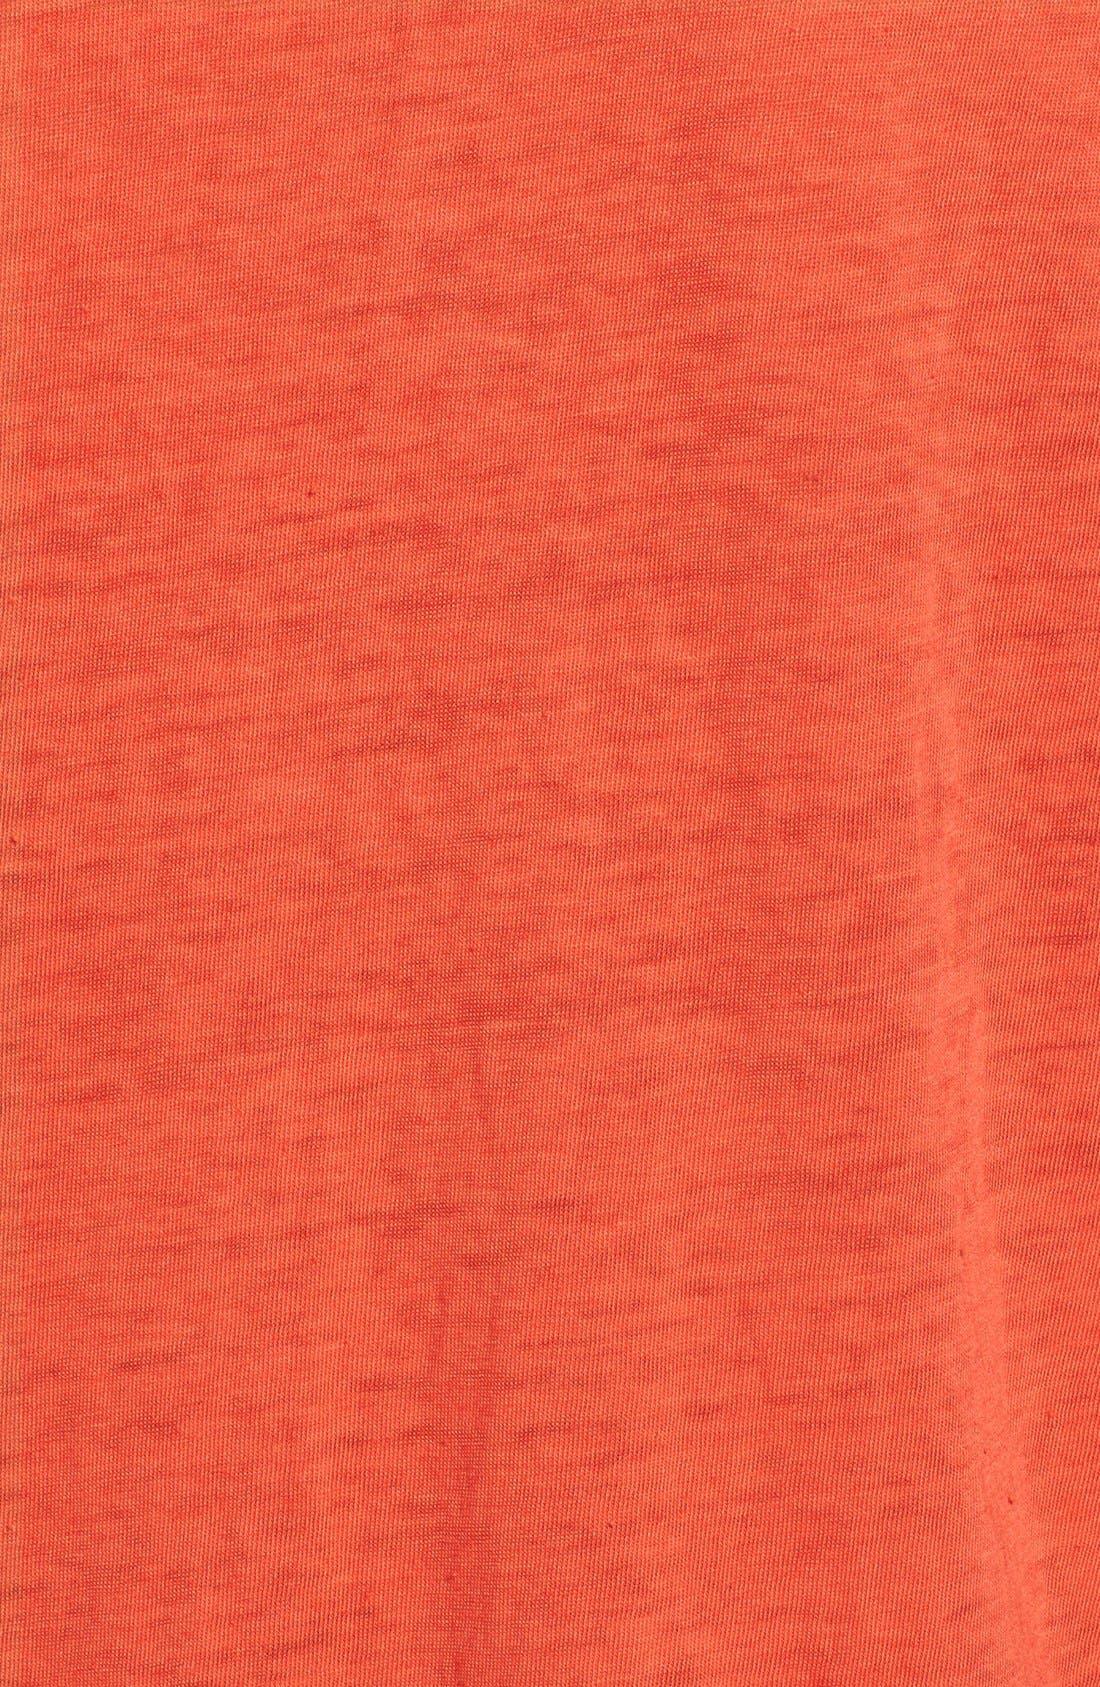 Alternate Image 5  - Pam & Gela 'Kate' Burnout V-Neck Muscle Tee